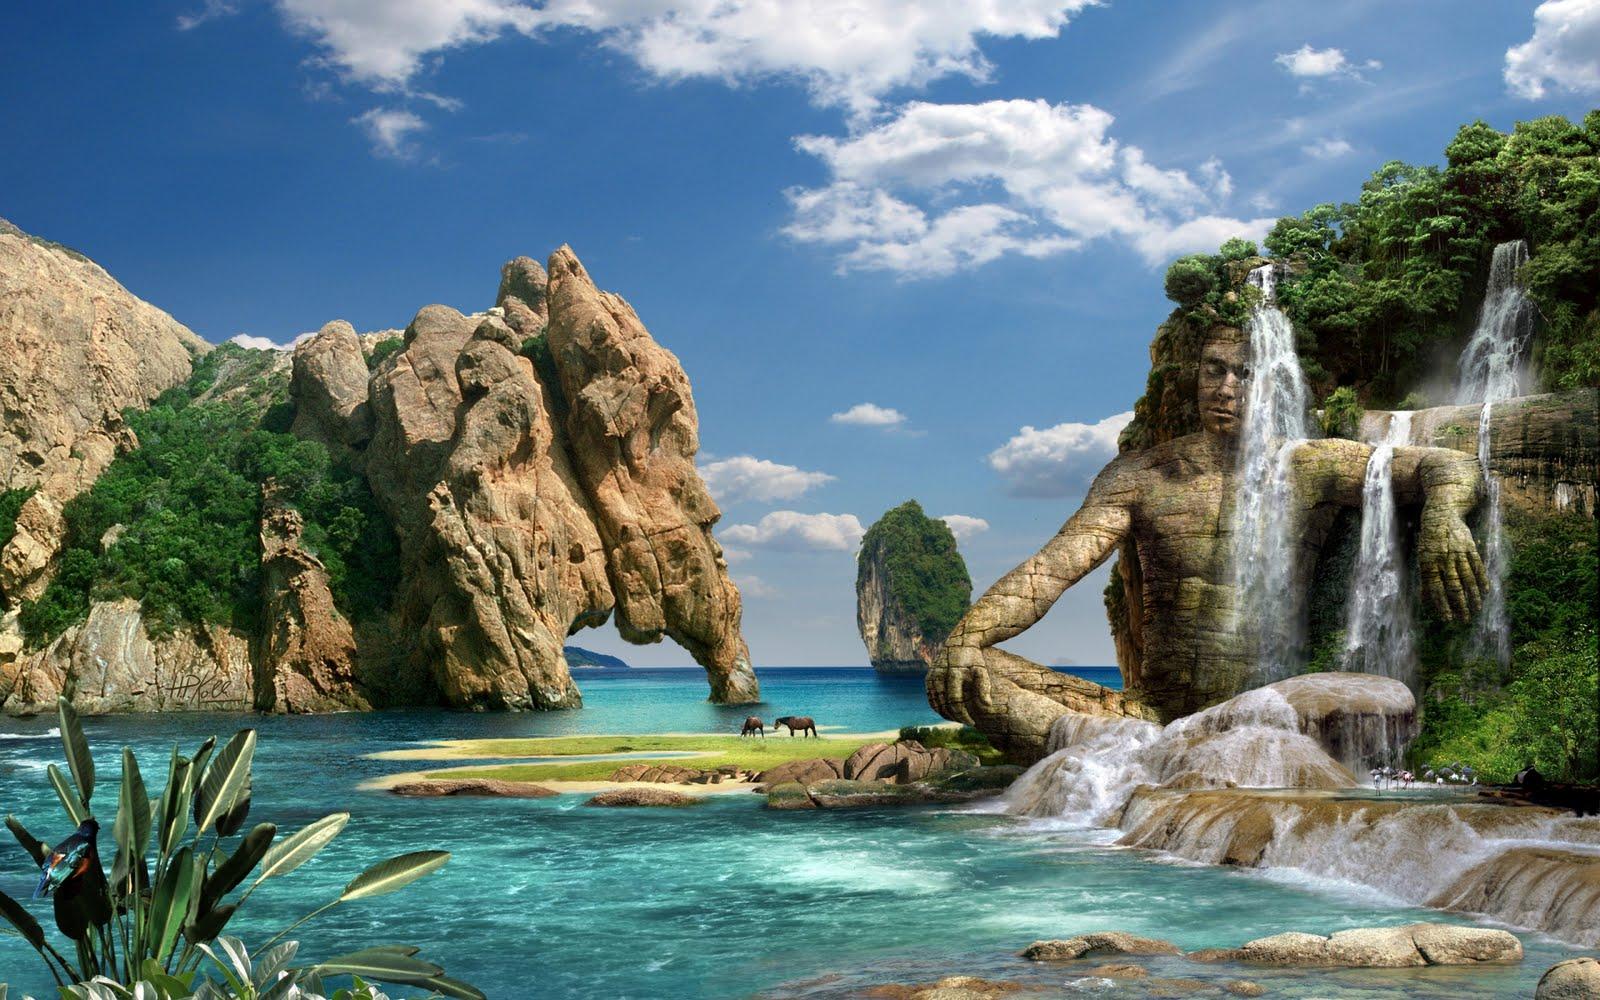 Cascadas fantásticas - Fantasy waterfalls